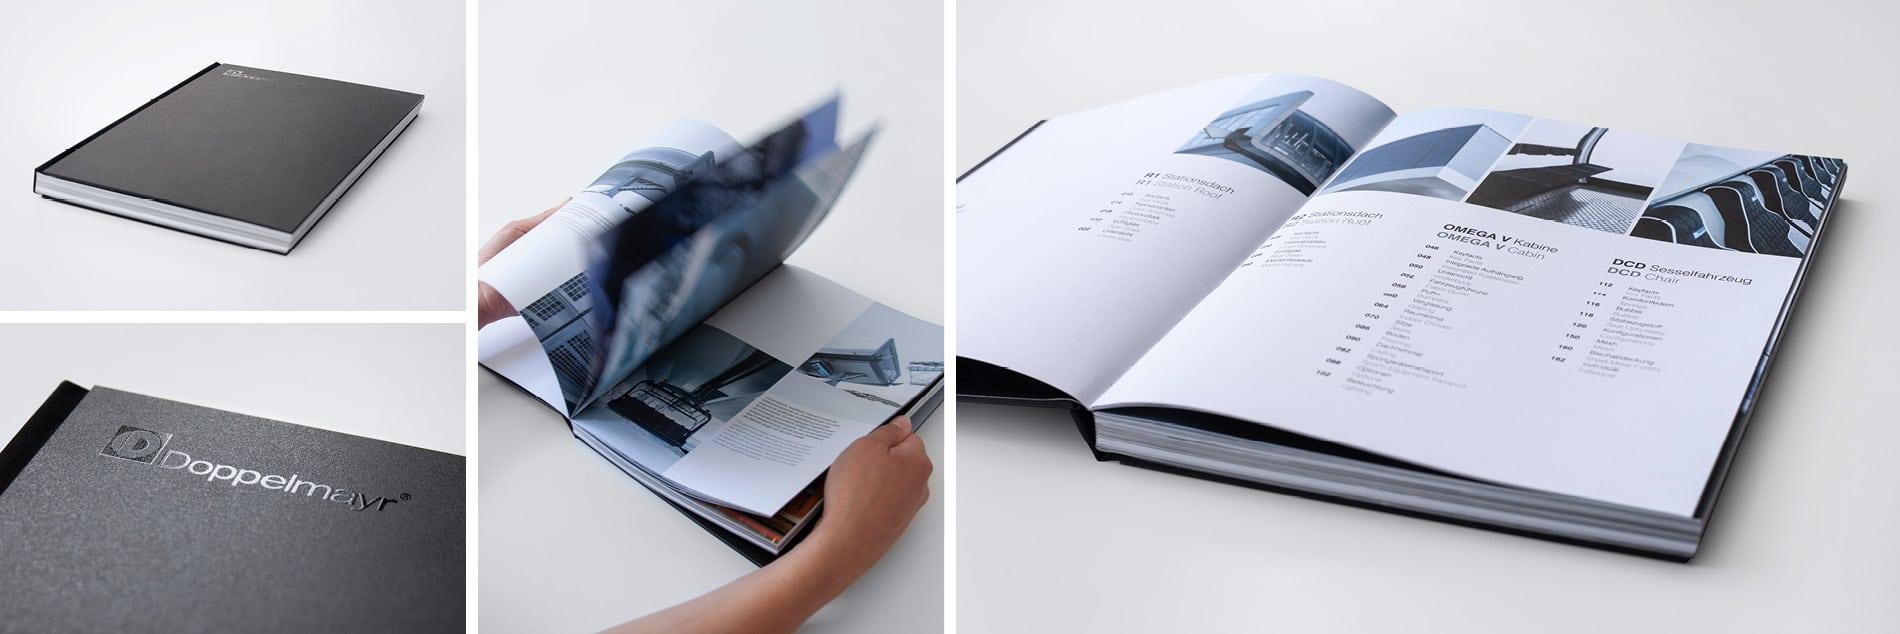 Layout- und Grafik Design eines Buches